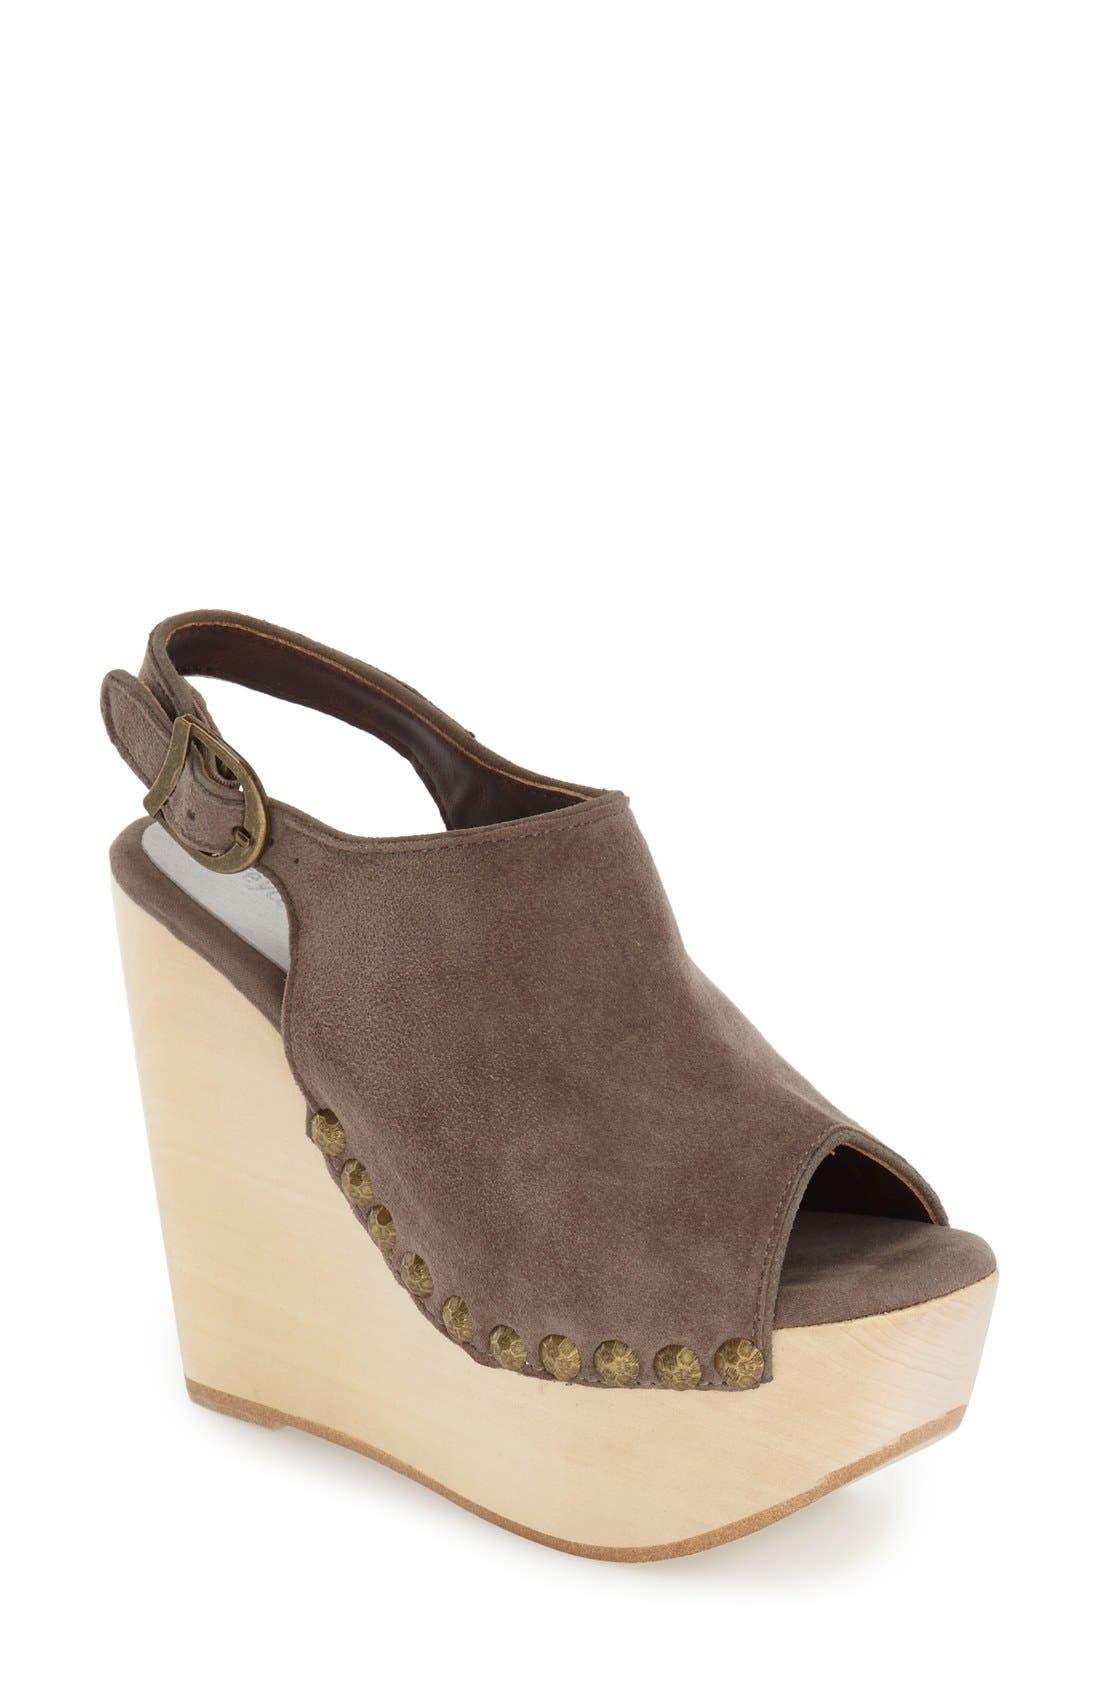 Alternate Image 1 Selected - Jeffrey Campbell 'Snick' Platform Sandal